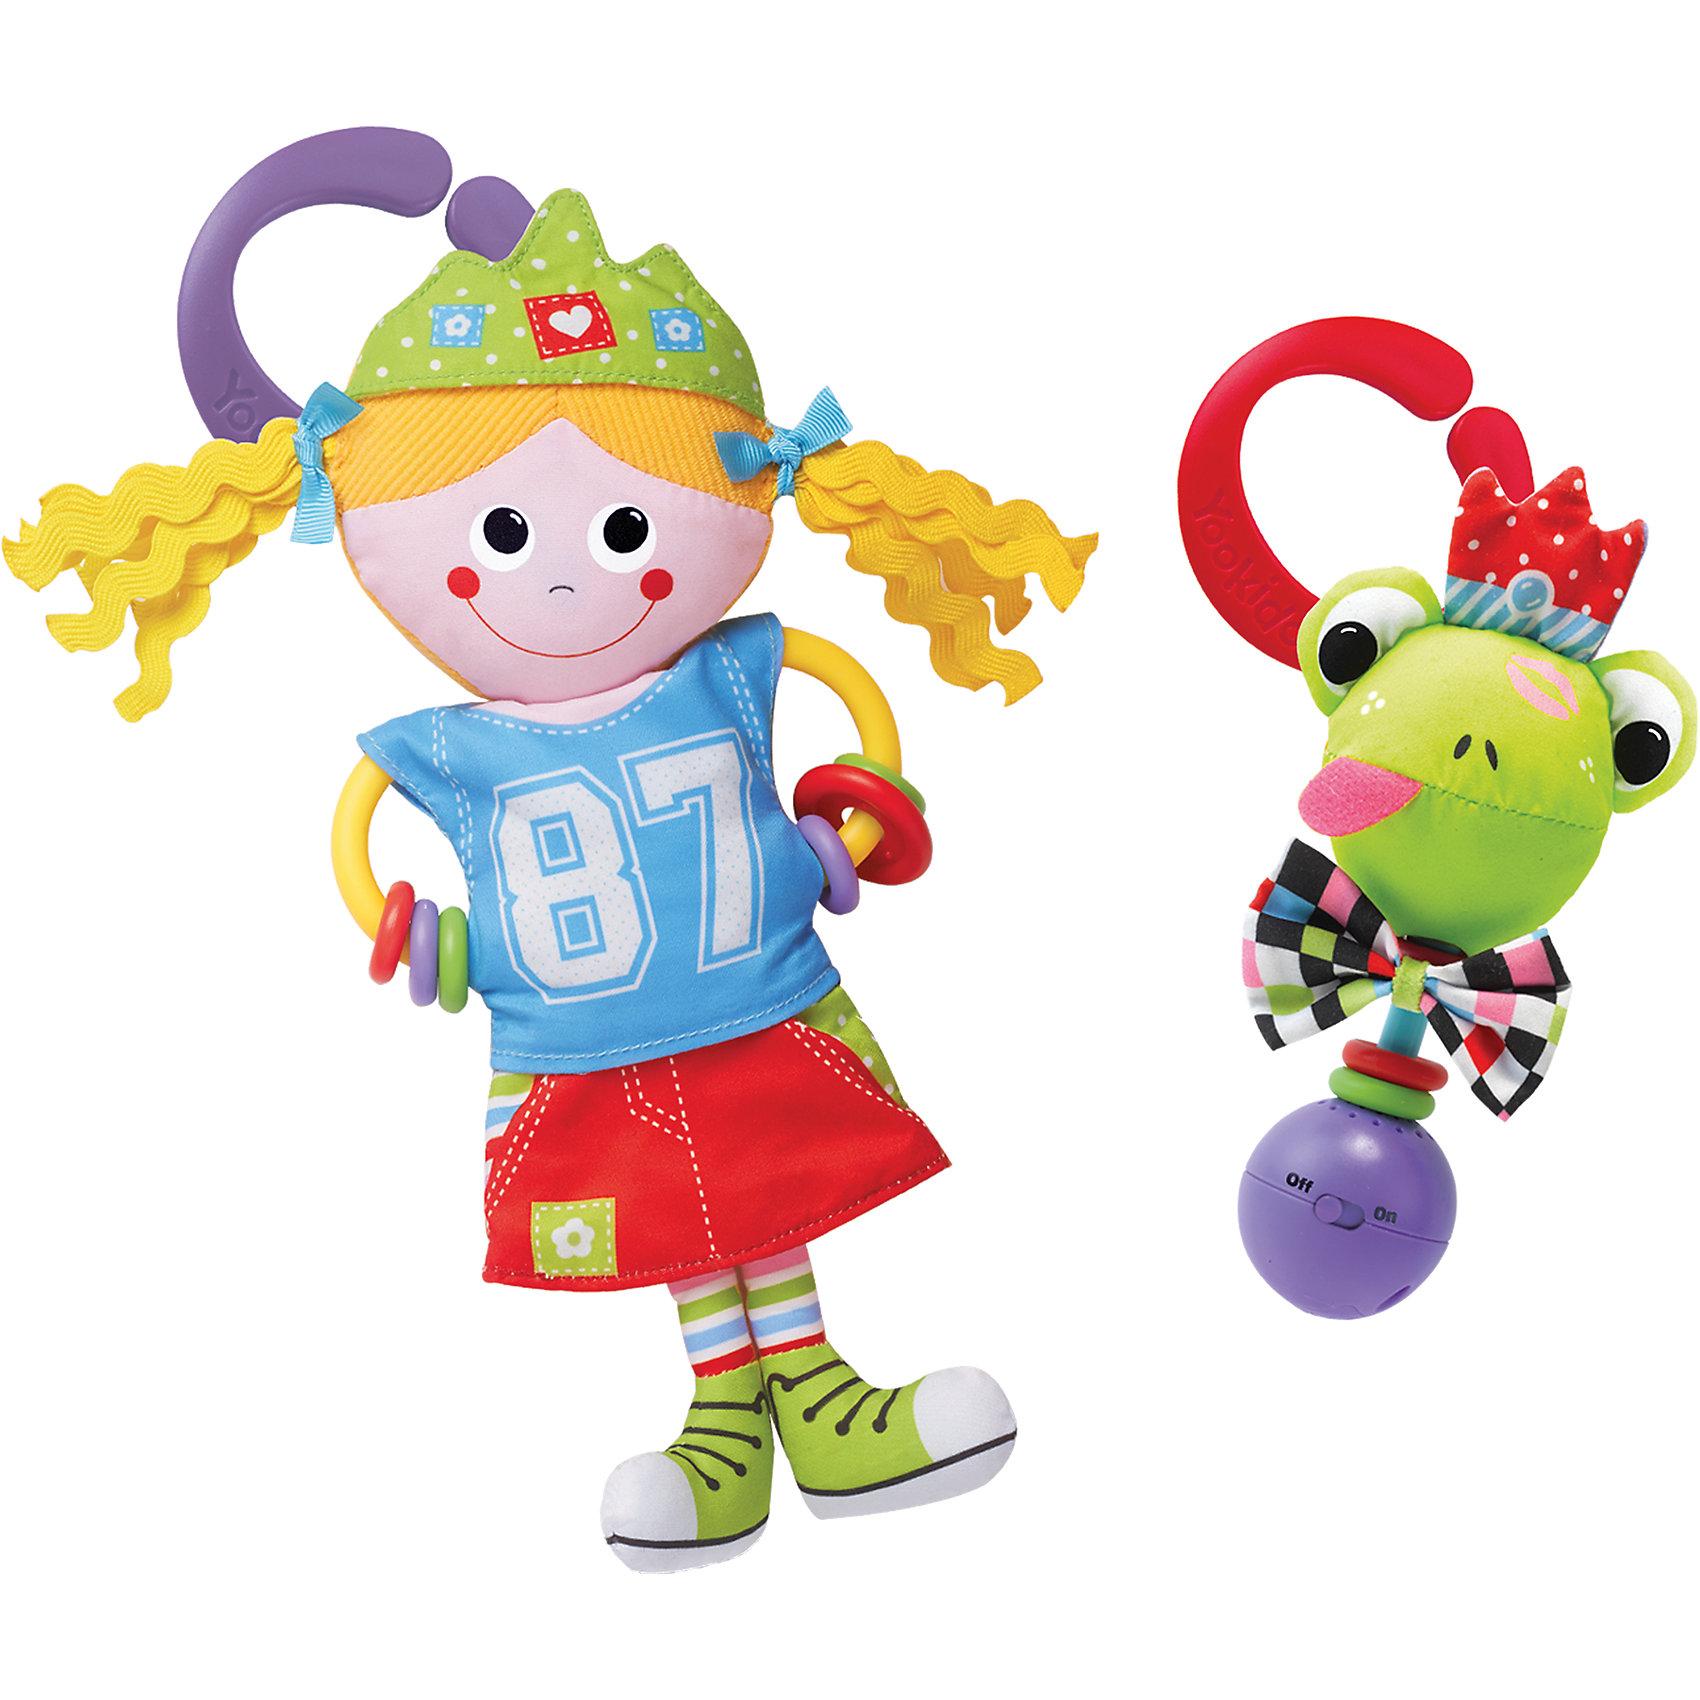 Игрушка-погремушка Девочка в городе,  YookidooПогремушки<br>Первая игрушка вашего малыша. Игрушка Девочка в городе выполнена в ярком и красочном дизайне, который обязательно понравится крохе. Ребенок будет с удовольствием рассматривать свою первую и очень забавную игрушку. Помимо этого, игрушка сделана из материалов различной текстуры, для тренировки моторики пальчиков и развития тактильных ощущений. К Девочке в городе крепится прорезыватель со множеством разноцветных колечек, который непременно понадобится для чешущихся зубов. При необходимости, игрушку можно подвесить в коляску, кроватку, используя большое пластиковое кольцо. В комплект также входит музыкальная погремушка Лягушка. При встряхивании звучат смешные звуки. К лягушке прилагается пластиковое кольцо для подвешивания. Изделие выполнено из высококачественных материалов, безопасных для ребенка. Игрушка поможет вашему малышу  развить моторику рук, тактильные ощущения, слуховое восприятие. <br><br>Дополнительная информация:<br><br>- Комплектация: девочка с прорезывателем, погремушка-лягушка, пластиковое кольцо для подвешивания.<br>- Материал: пластик, текстиль.<br>- Цвет: красный, голубой, фиолетовый, салатовый, розовый, белый, желтый.<br>- Размер упаковки: 19 x 18 x 5 см.<br>- Звуковые эффекты: есть.<br>- Элемент питания: батарейки 3хLR44 (входят в комплект).<br><br>Игрушку-погремушку Девочка в городе,  Yookidoo можно купить в нашем магазине.<br><br>Ширина мм: 190<br>Глубина мм: 50<br>Высота мм: 185<br>Вес г: 136<br>Возраст от месяцев: 0<br>Возраст до месяцев: 12<br>Пол: Унисекс<br>Возраст: Детский<br>SKU: 3908342